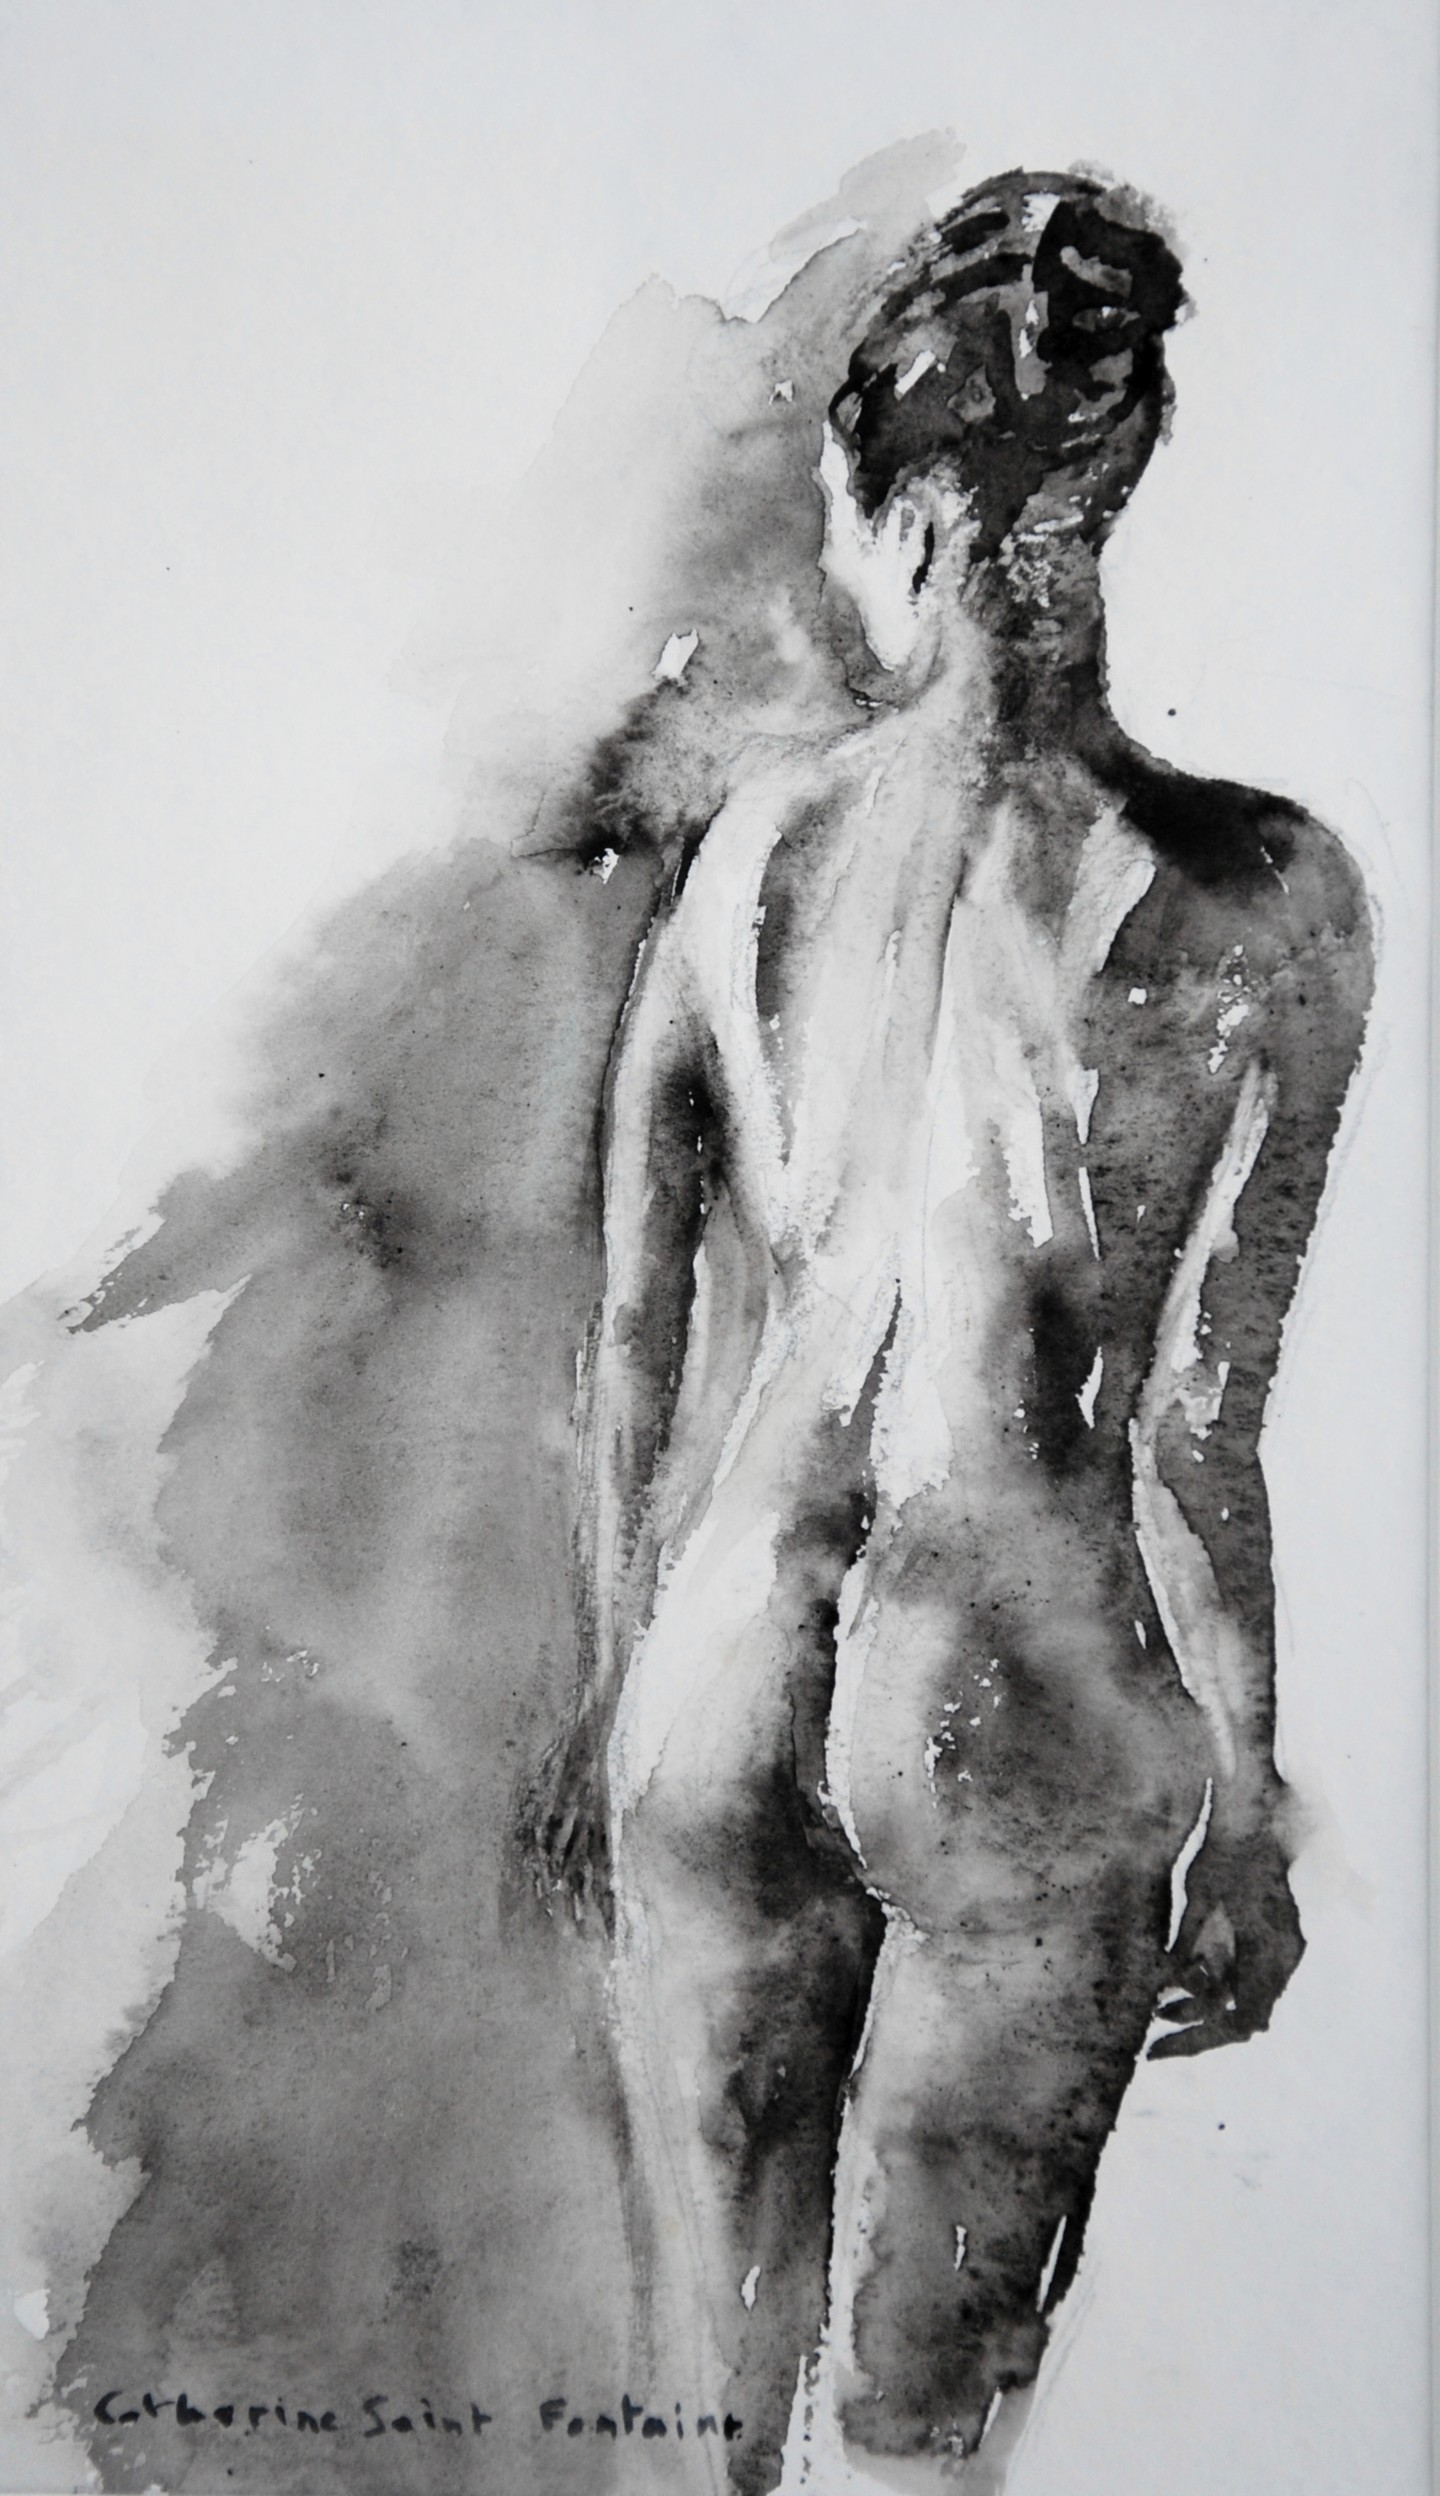 Catherinesaintfontaine - femme de dos